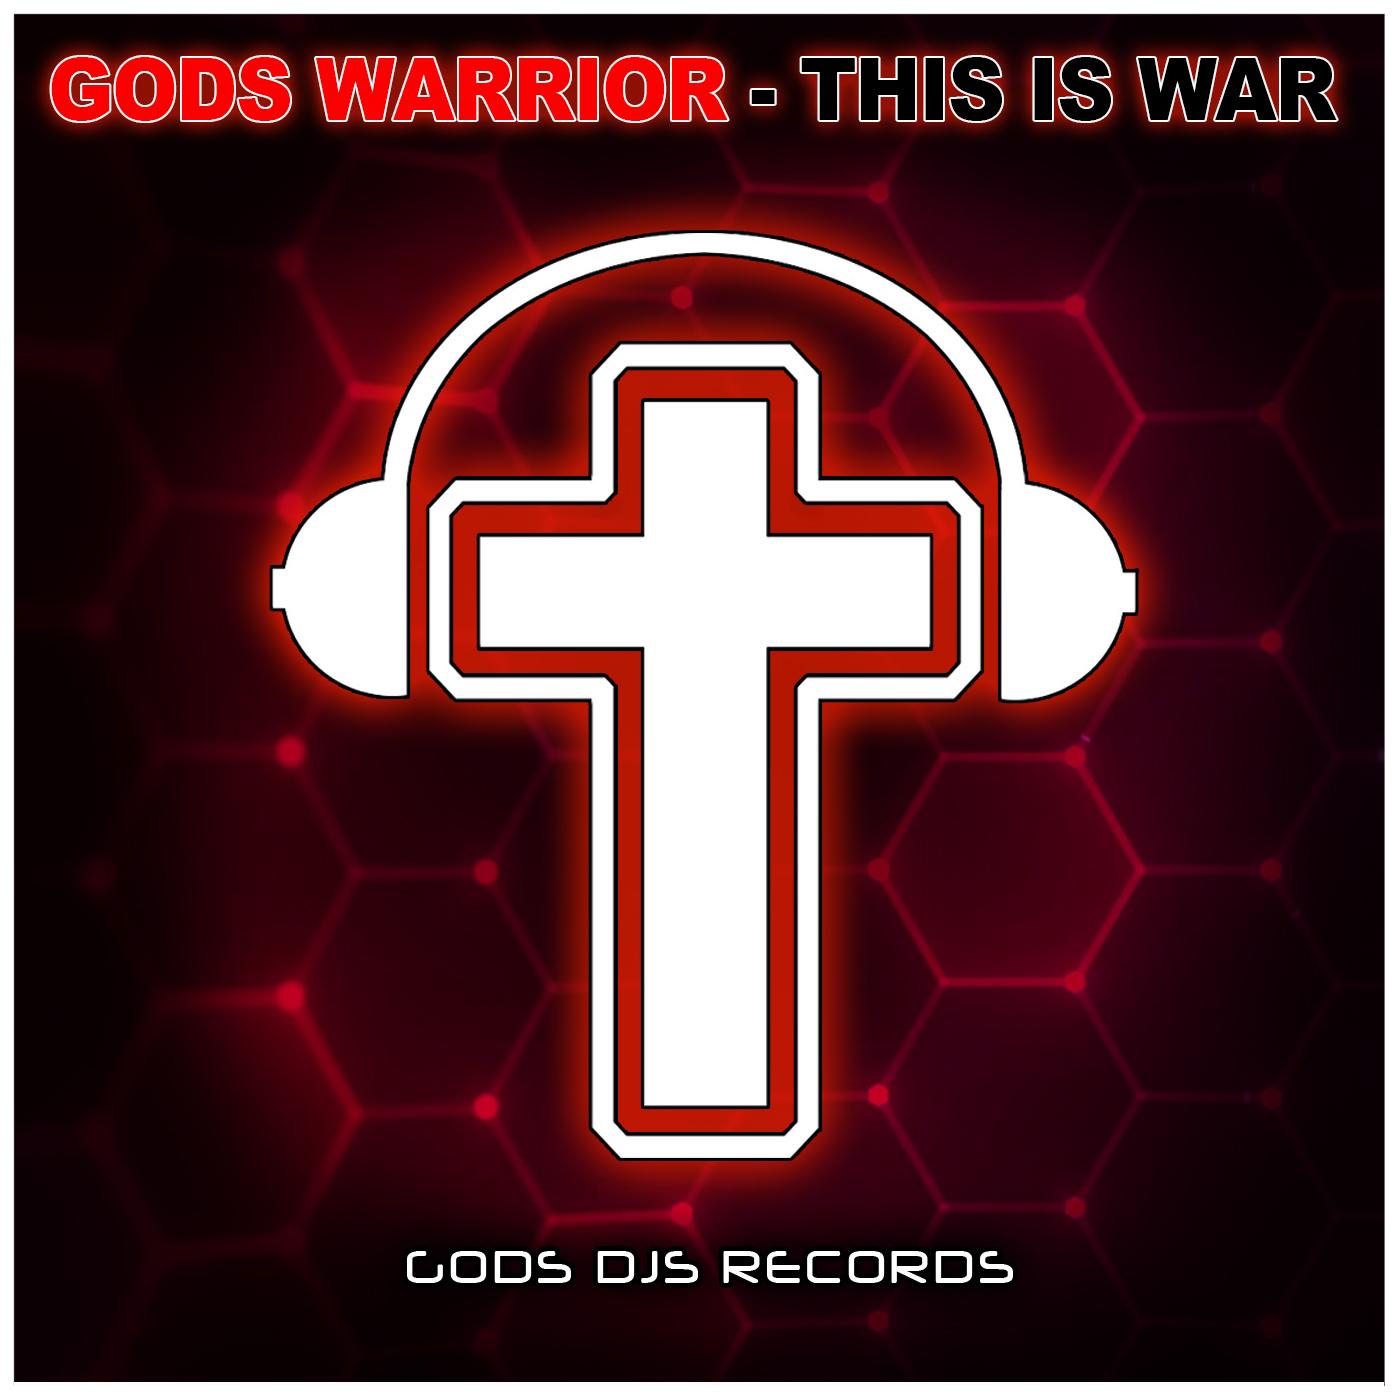 Gods Warrior – This is War